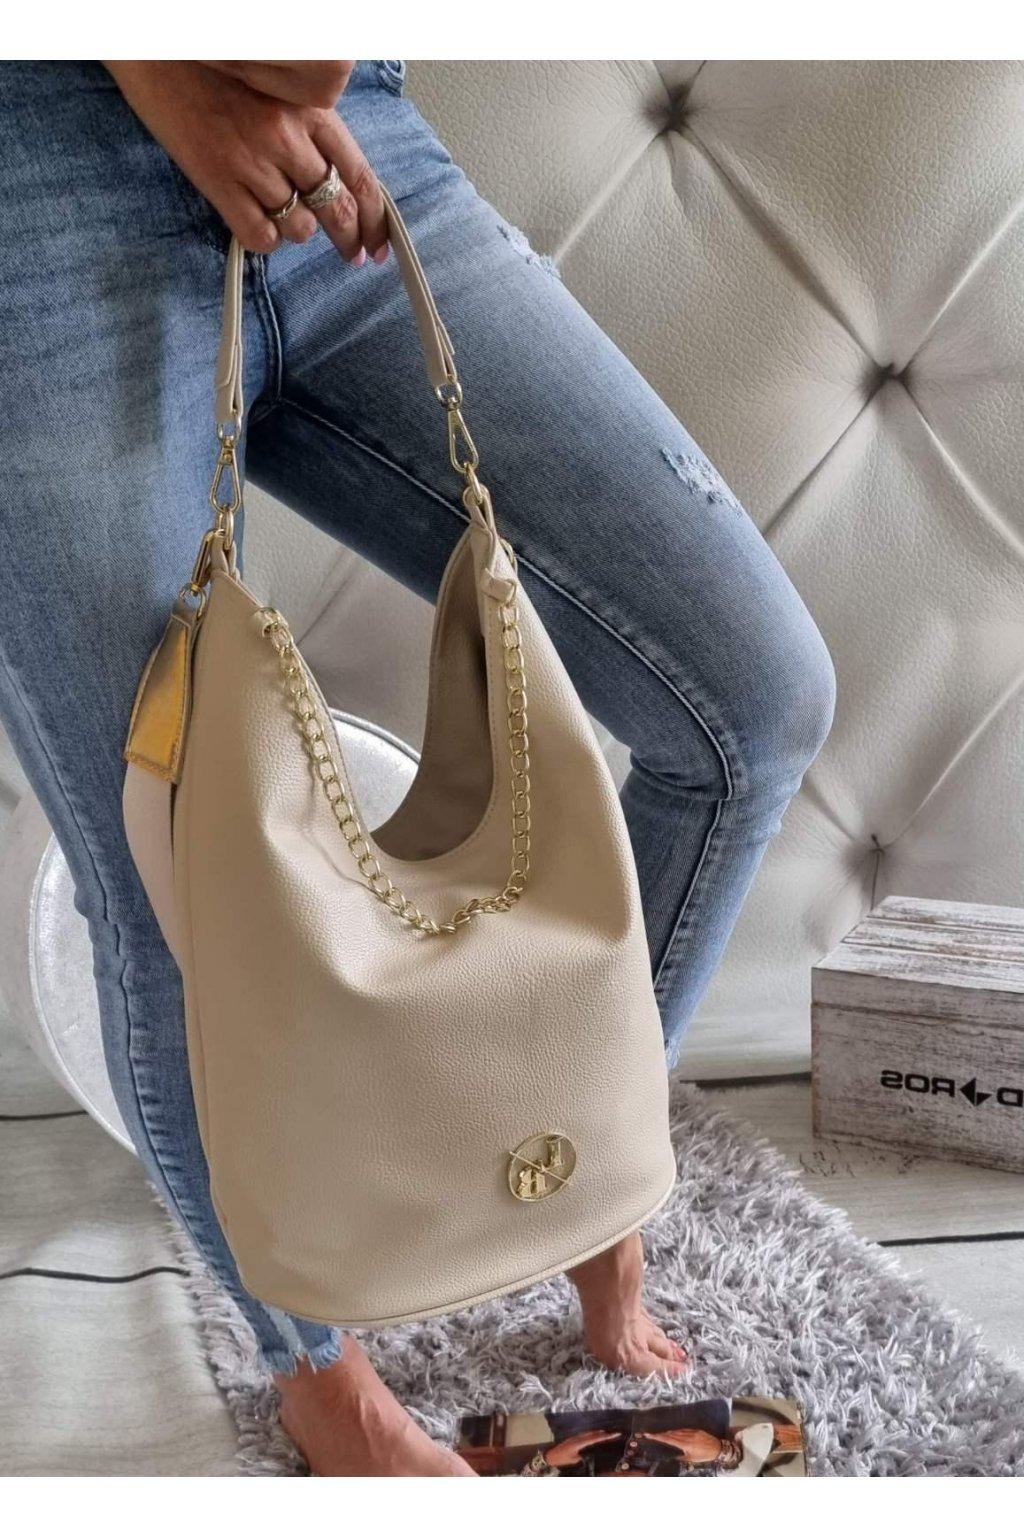 kabelka laura biaggi elegant značková luxusní kabelka beige